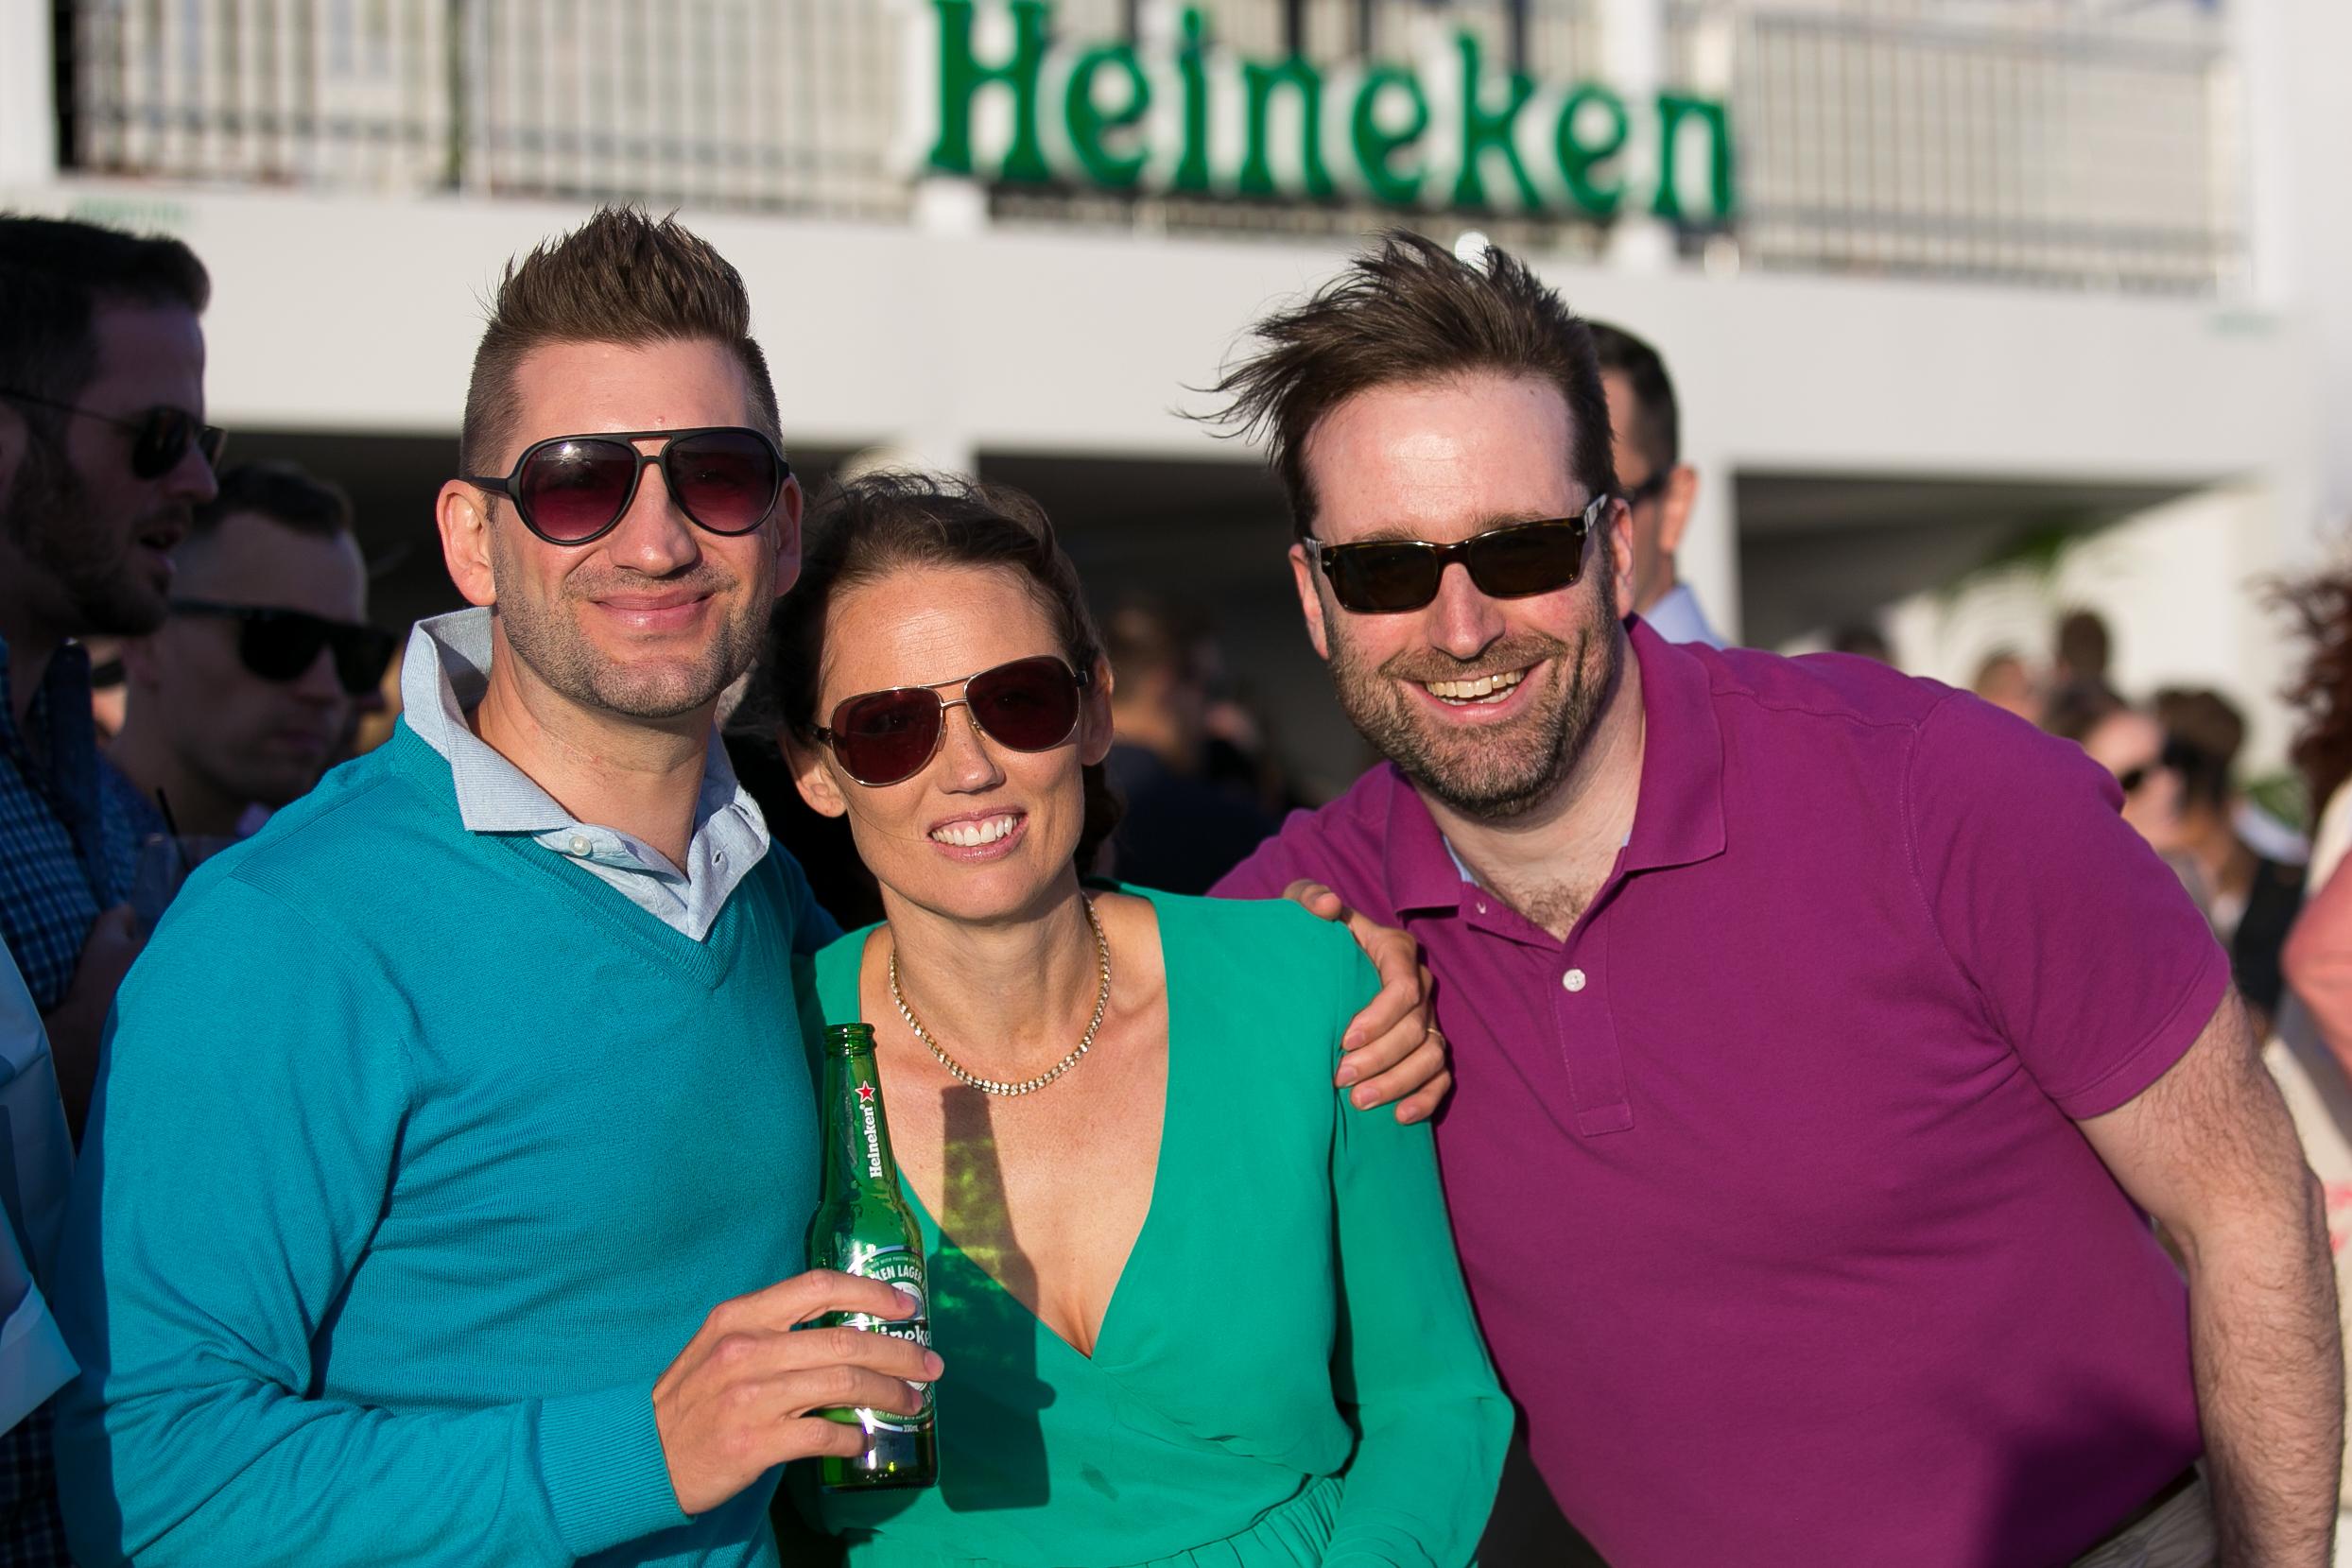 Heineken_Polo_16.JPG